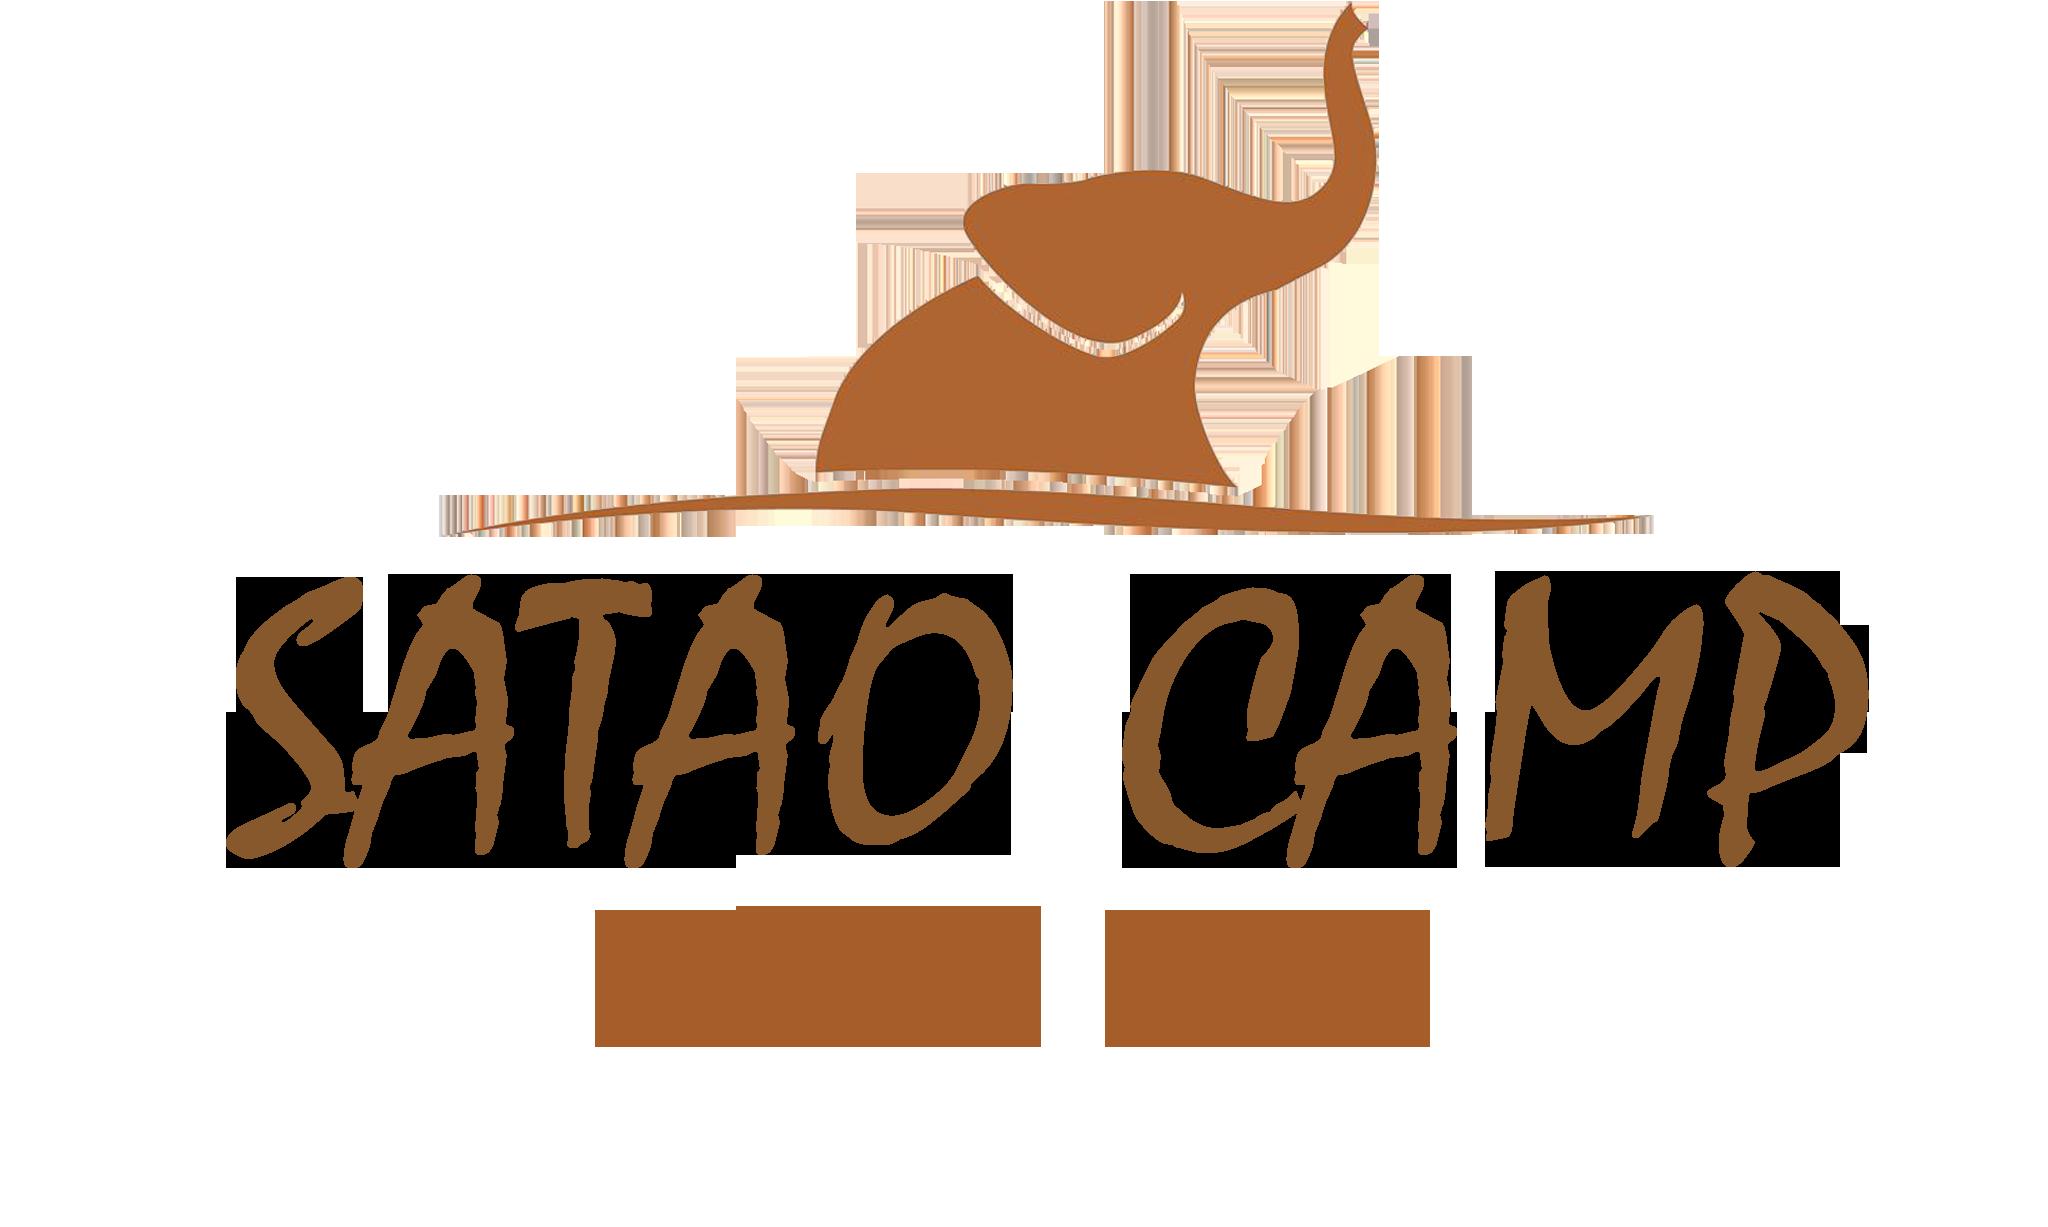 Satao Camp